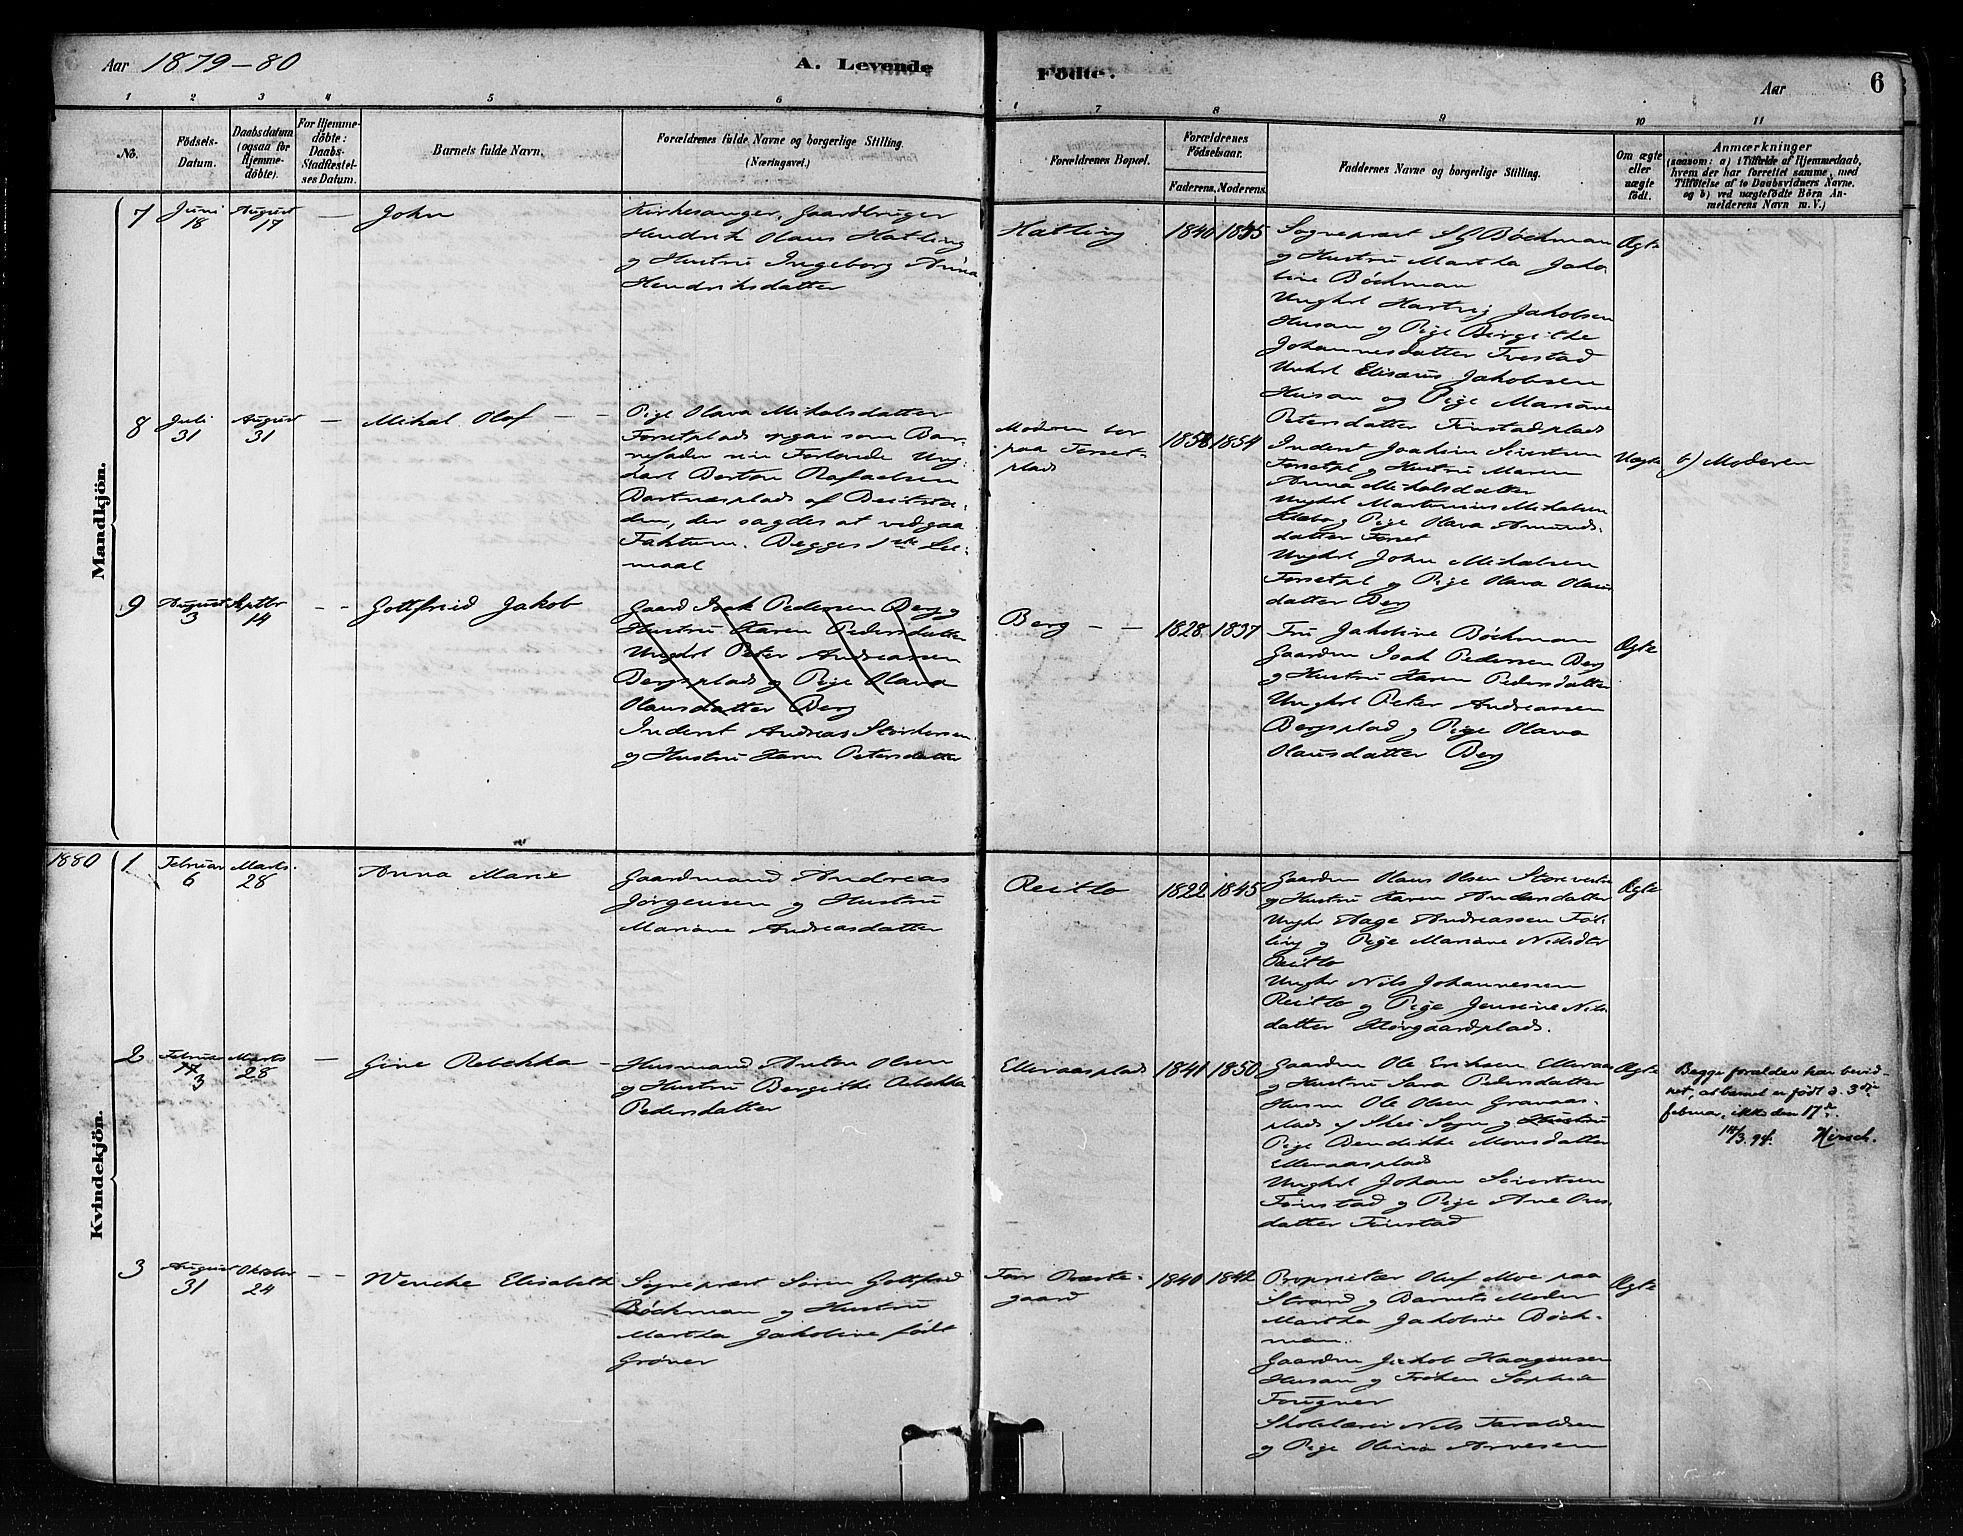 SAT, Ministerialprotokoller, klokkerbøker og fødselsregistre - Nord-Trøndelag, 746/L0448: Ministerialbok nr. 746A07 /1, 1878-1900, s. 6